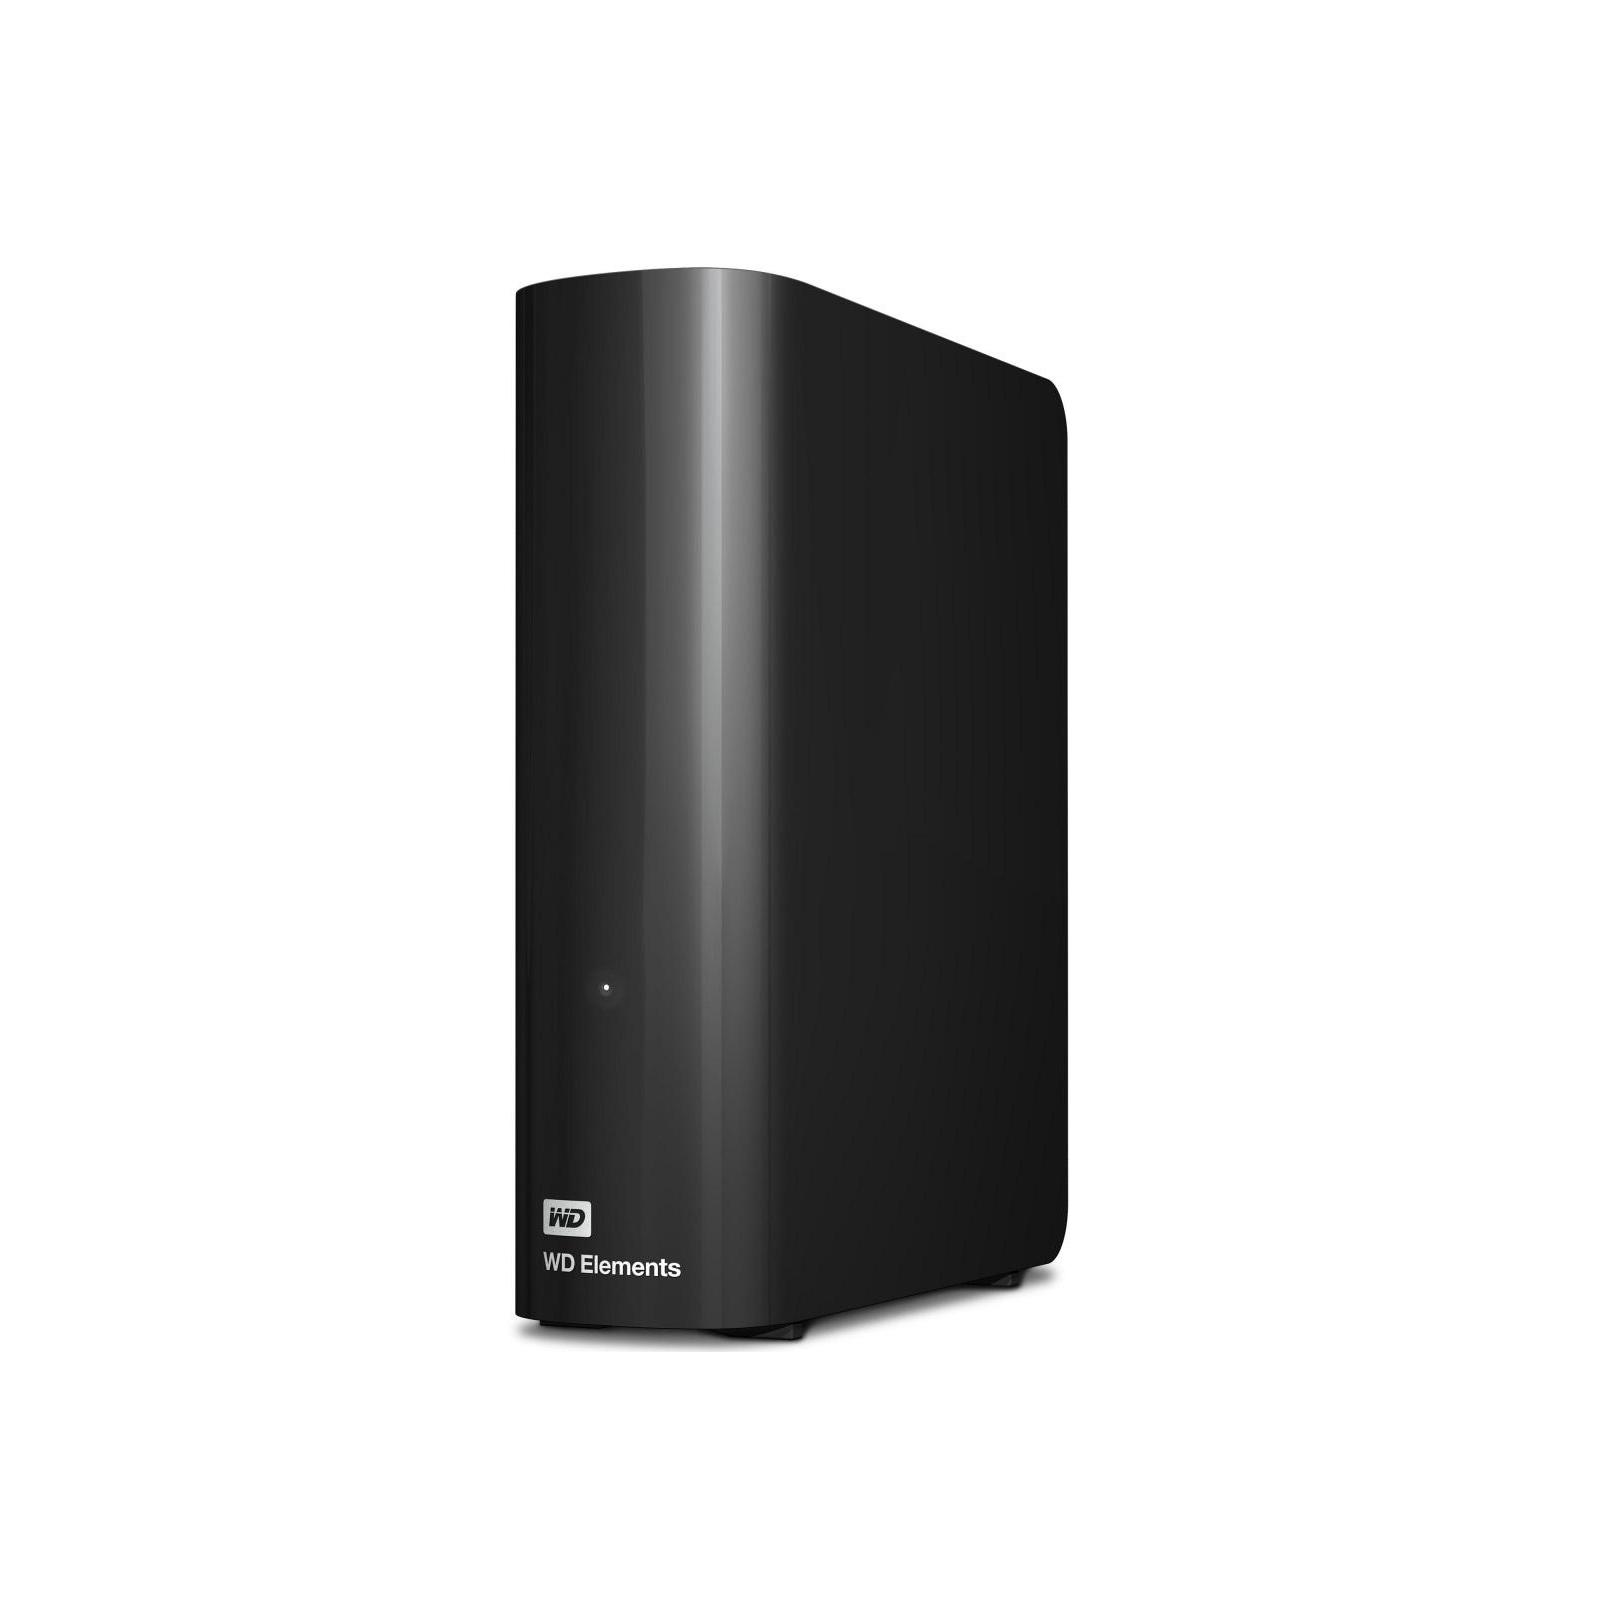 """Внешний жесткий диск 3.5"""" 8TB Western Digital (WDBWLG0080HBK-EESN)"""